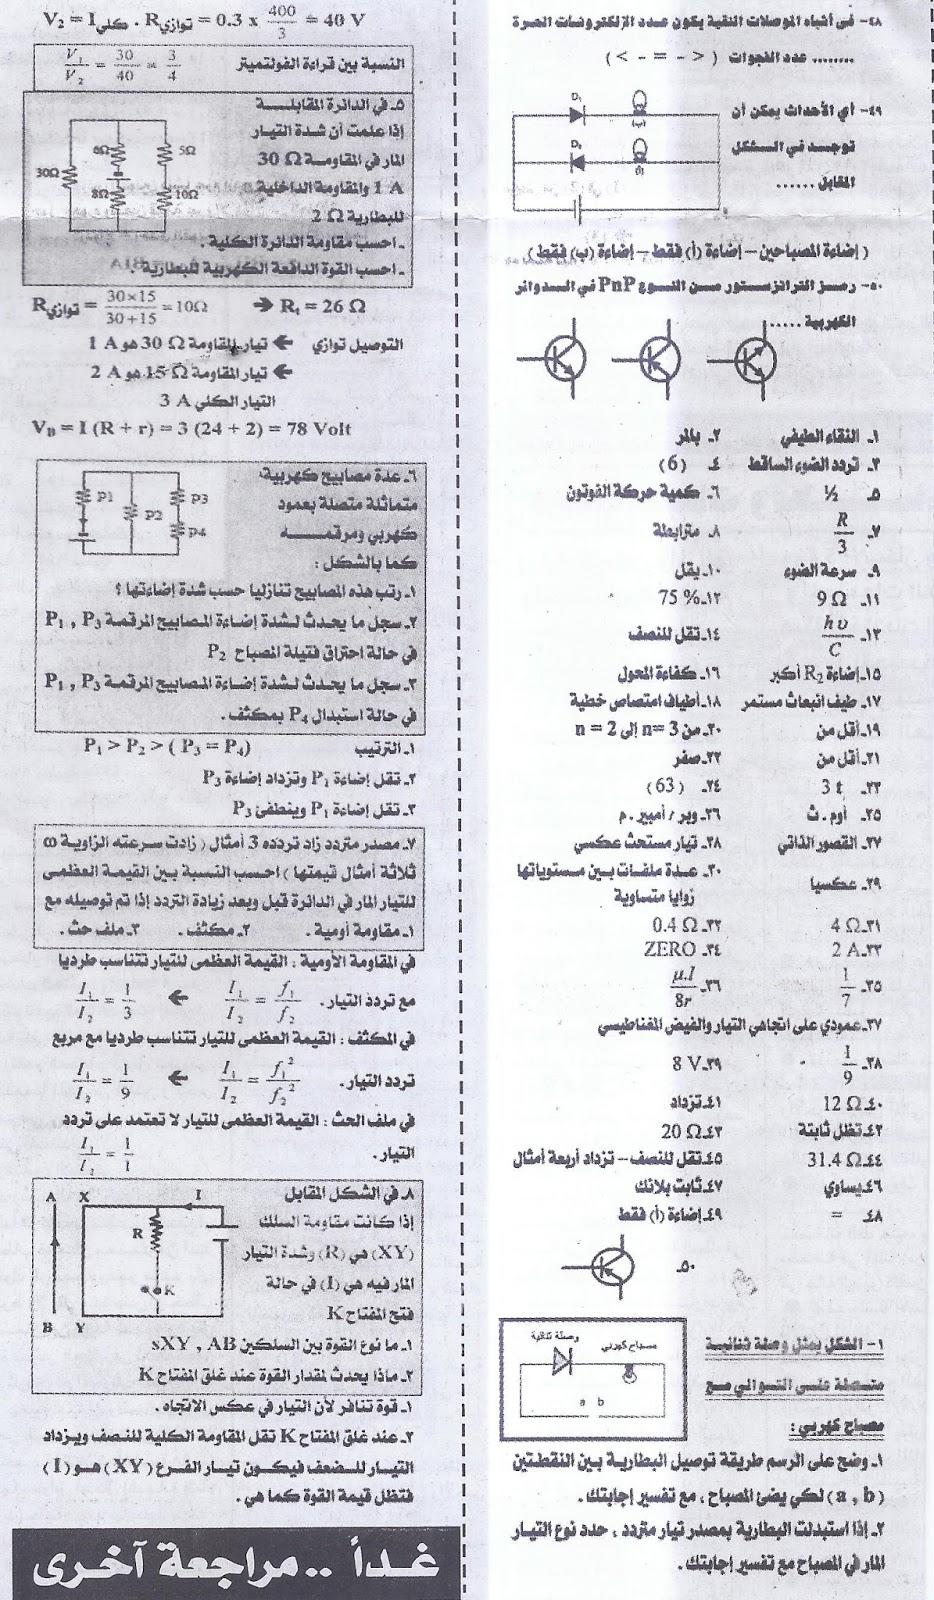 بنك توقعات الفيزياء.. لثالثة ثانوي - ملحق الجمهورية الجزء الاول 11